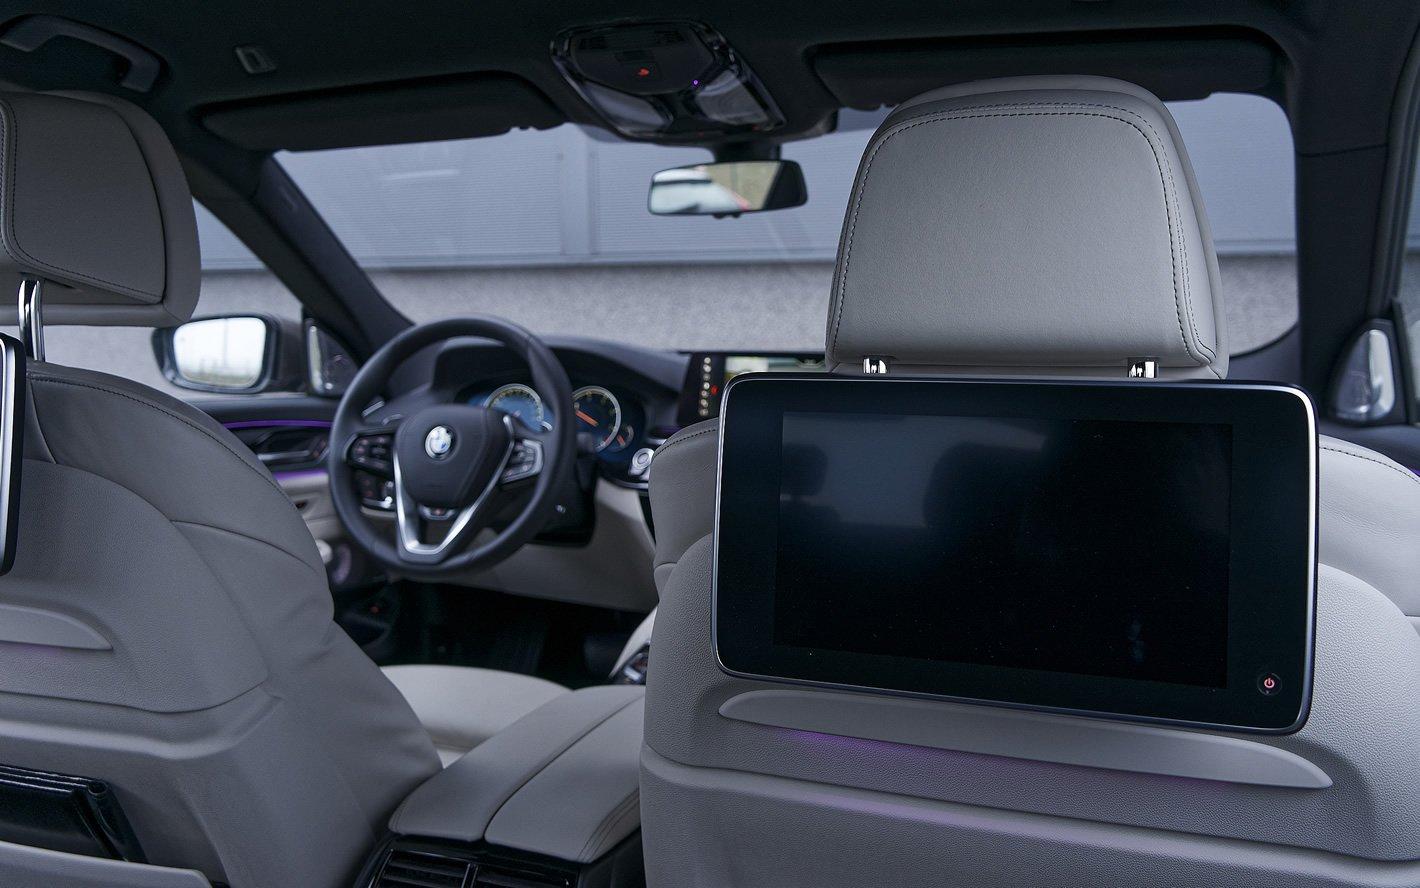 BMW Serii 6 Gran Turismo - z tylnego siedzenia